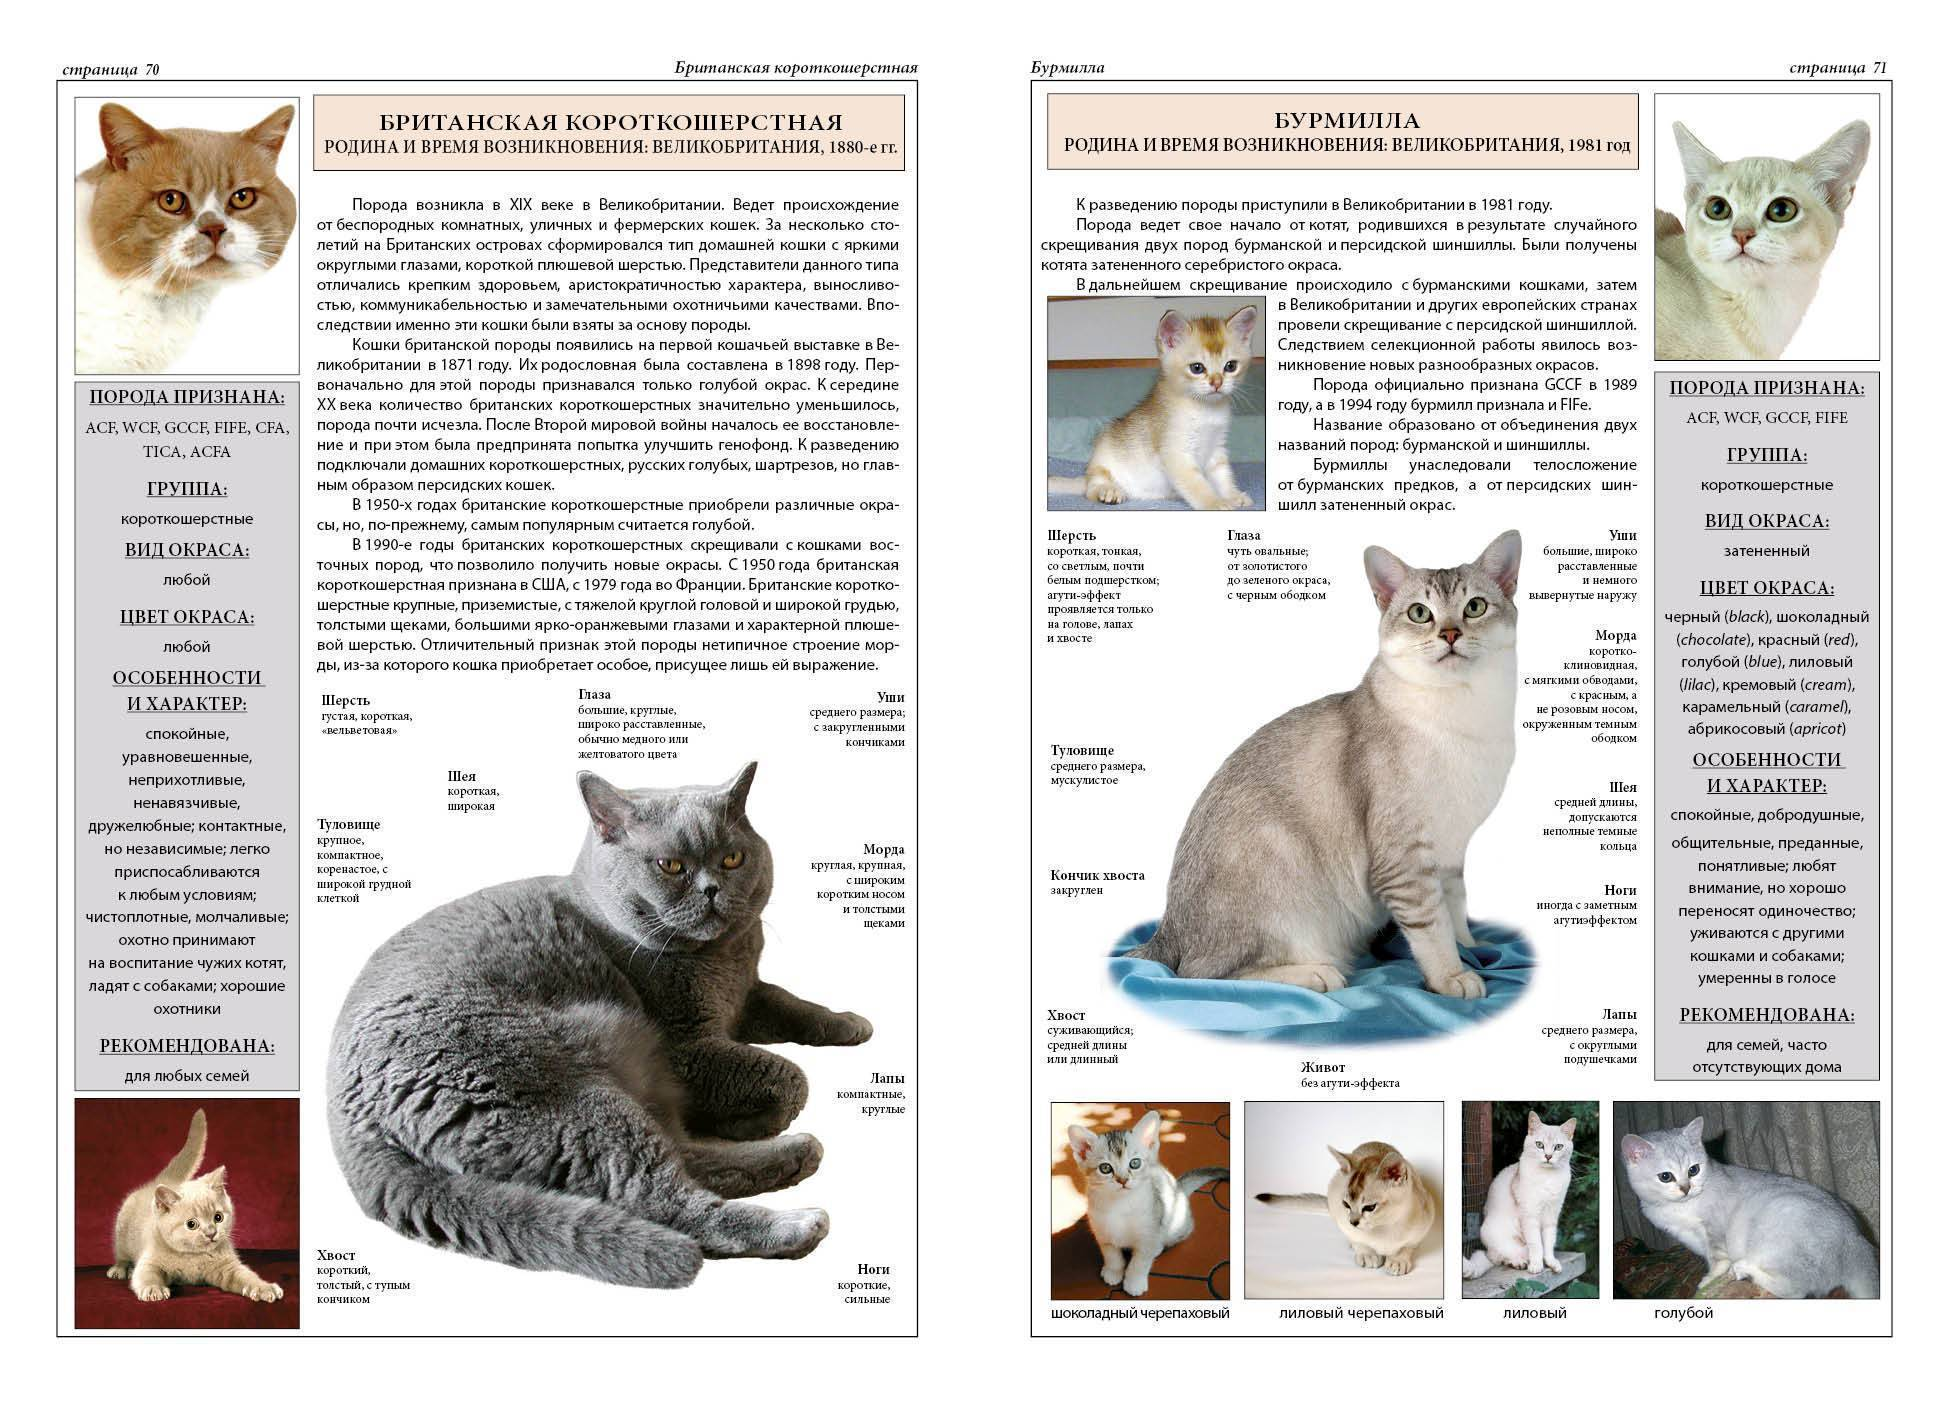 Сибирские кошки (64 фото): описание котов сибирской породы. как выглядят котята и какой у них характер? как выбрать корм для сибиряков? сколько живут кошки?